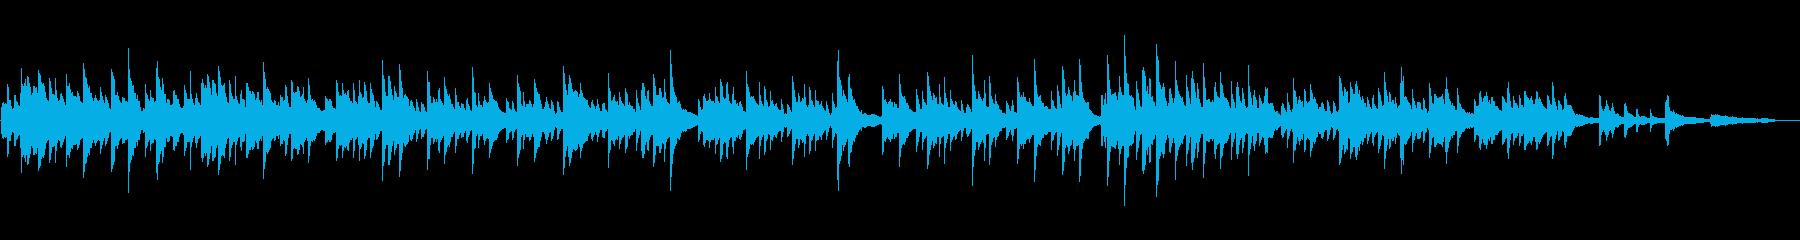 ゆっくりと切ない抒情的なピアノ楽曲の再生済みの波形